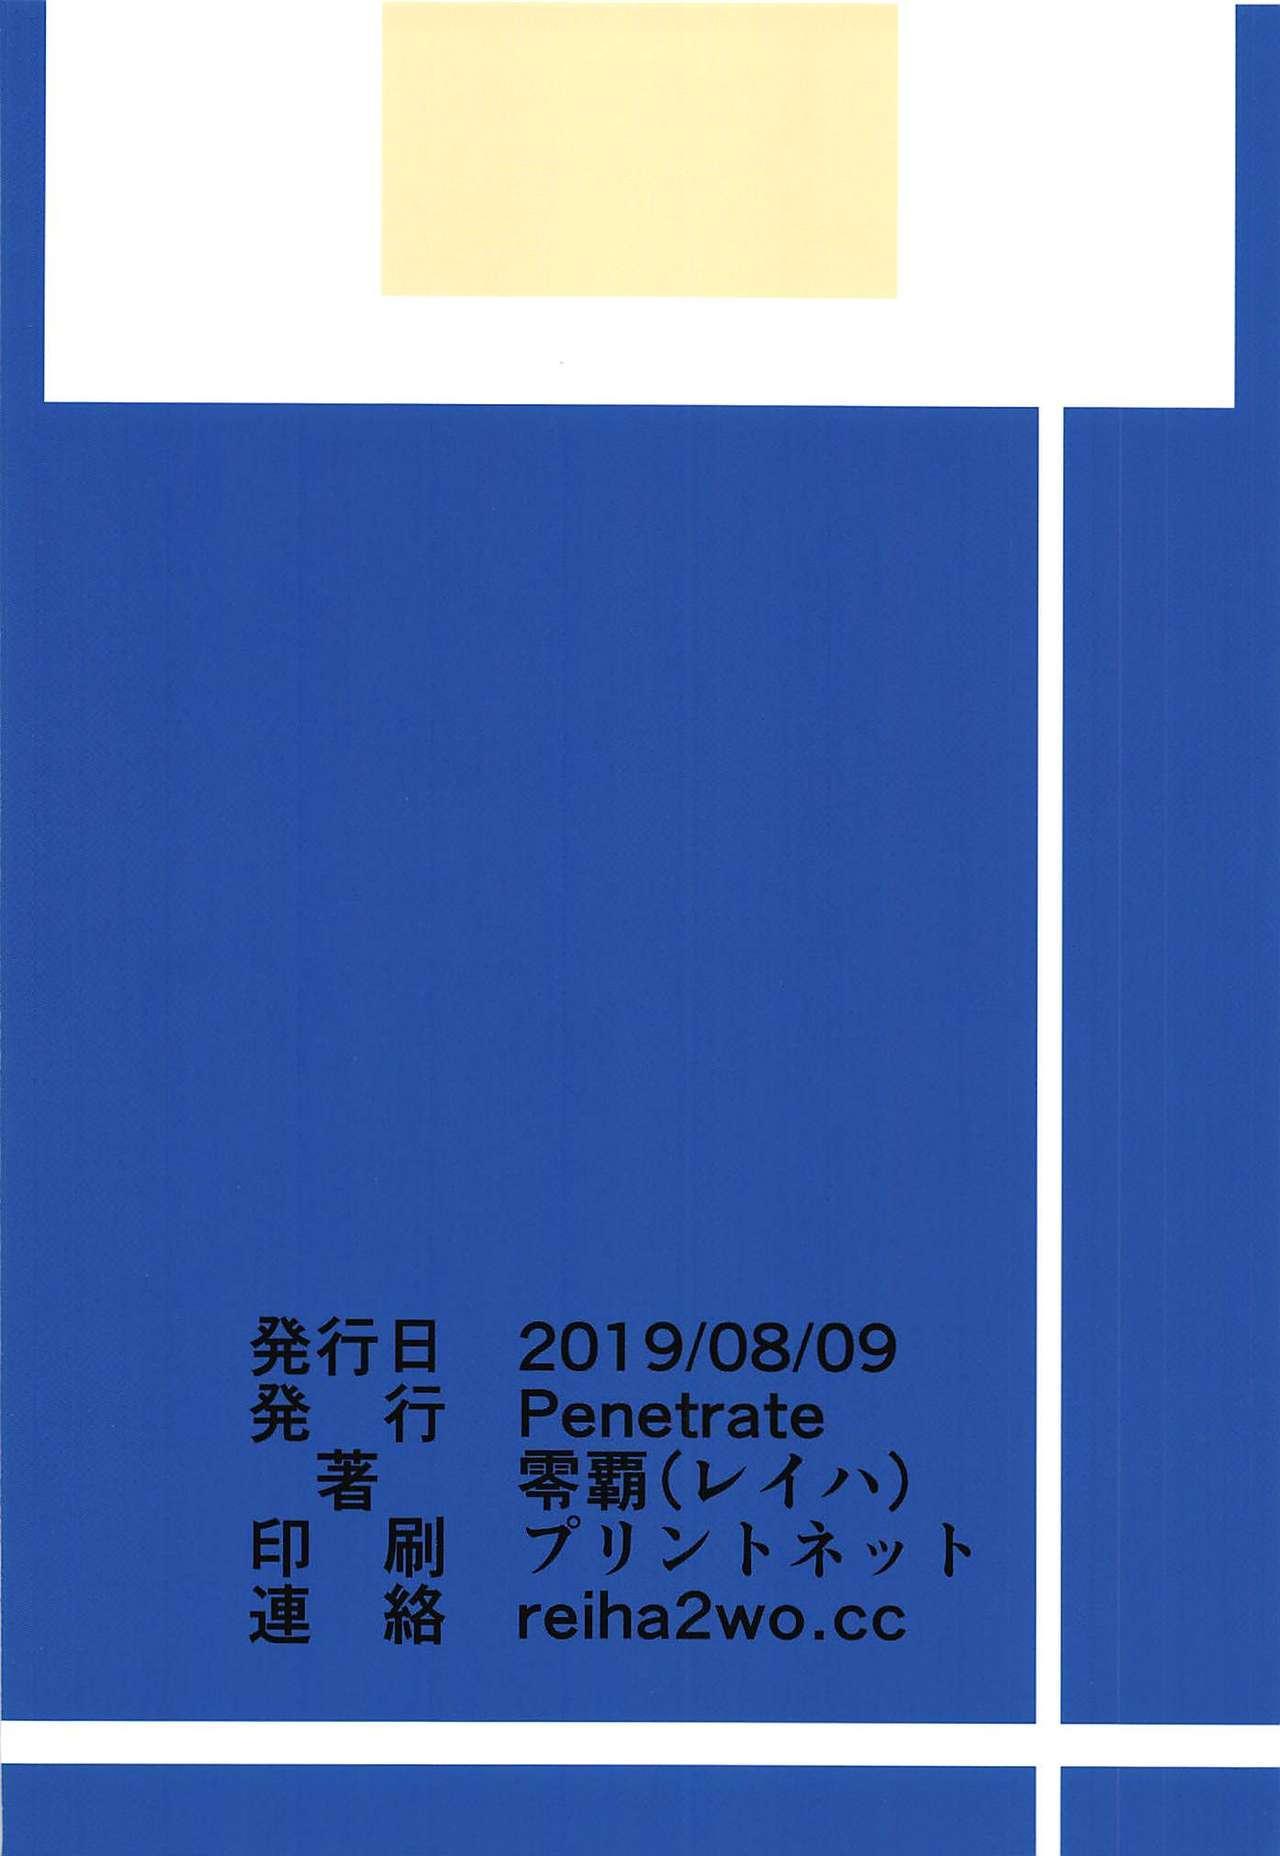 Shotakao 21